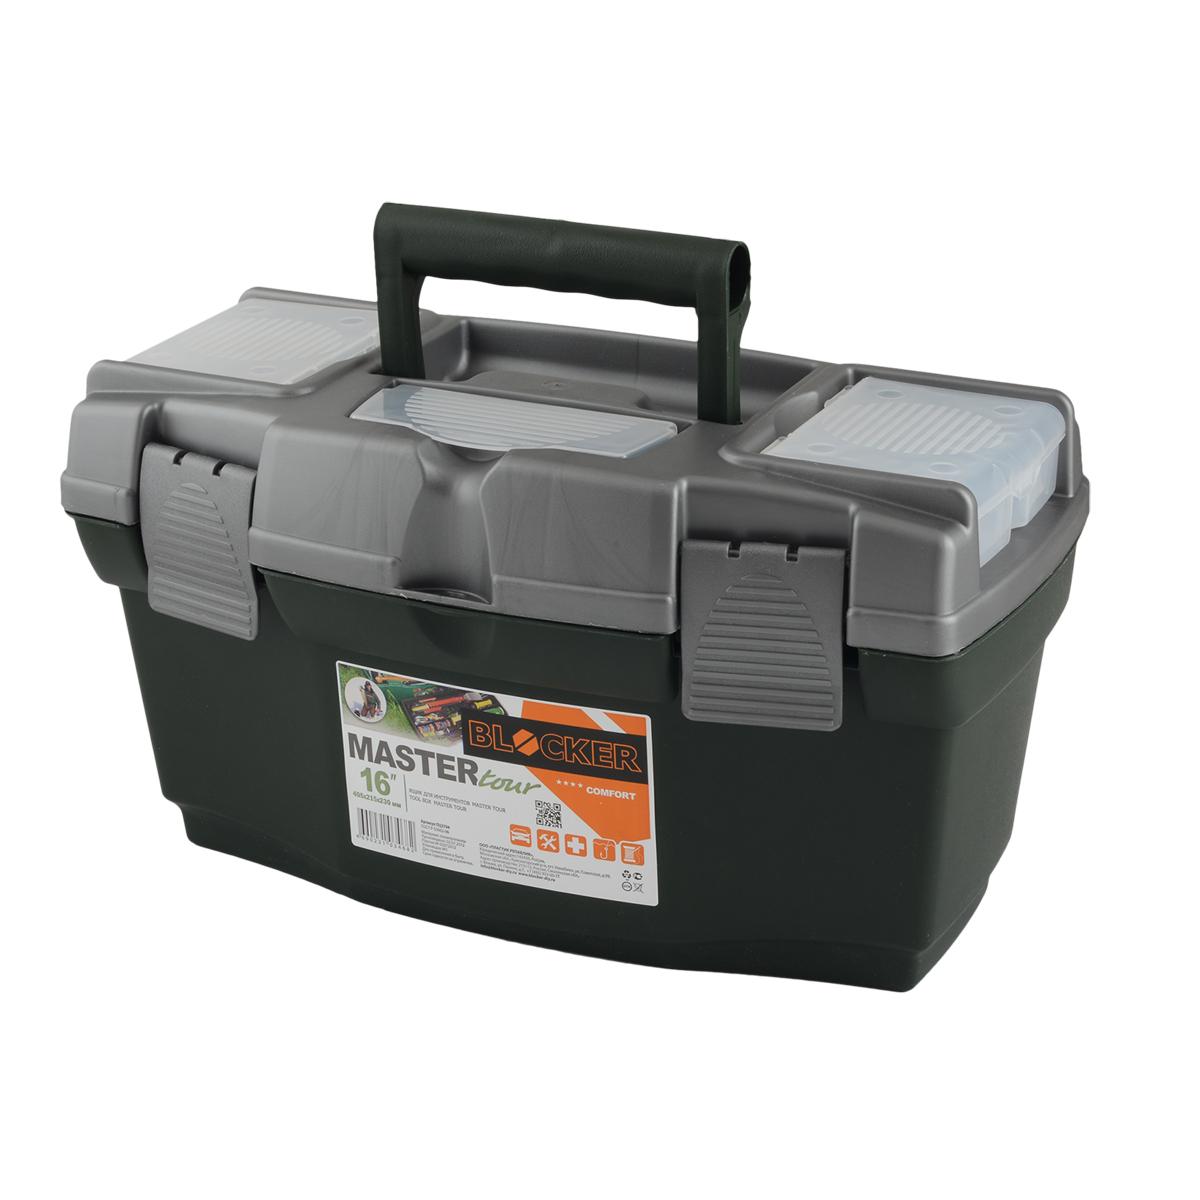 Ящик для инструментов Blocker Master Tour, цвет: темно-зеленый, 405 х 215 х 230 ммПЦ3704ТЗЛ-8РSМногофункциональный ящик Blocker Master Tour отлично подходит для хранения небольших рыболовных и охотничьих принадлежностей, может быть использован для переноски мангала, посуды и многих вещей, которые могут понадобиться на отдыхе или в путешествии. Ящик имеет надежные замки и встроенные органайзеры в крышке для размещения мелких деталей.